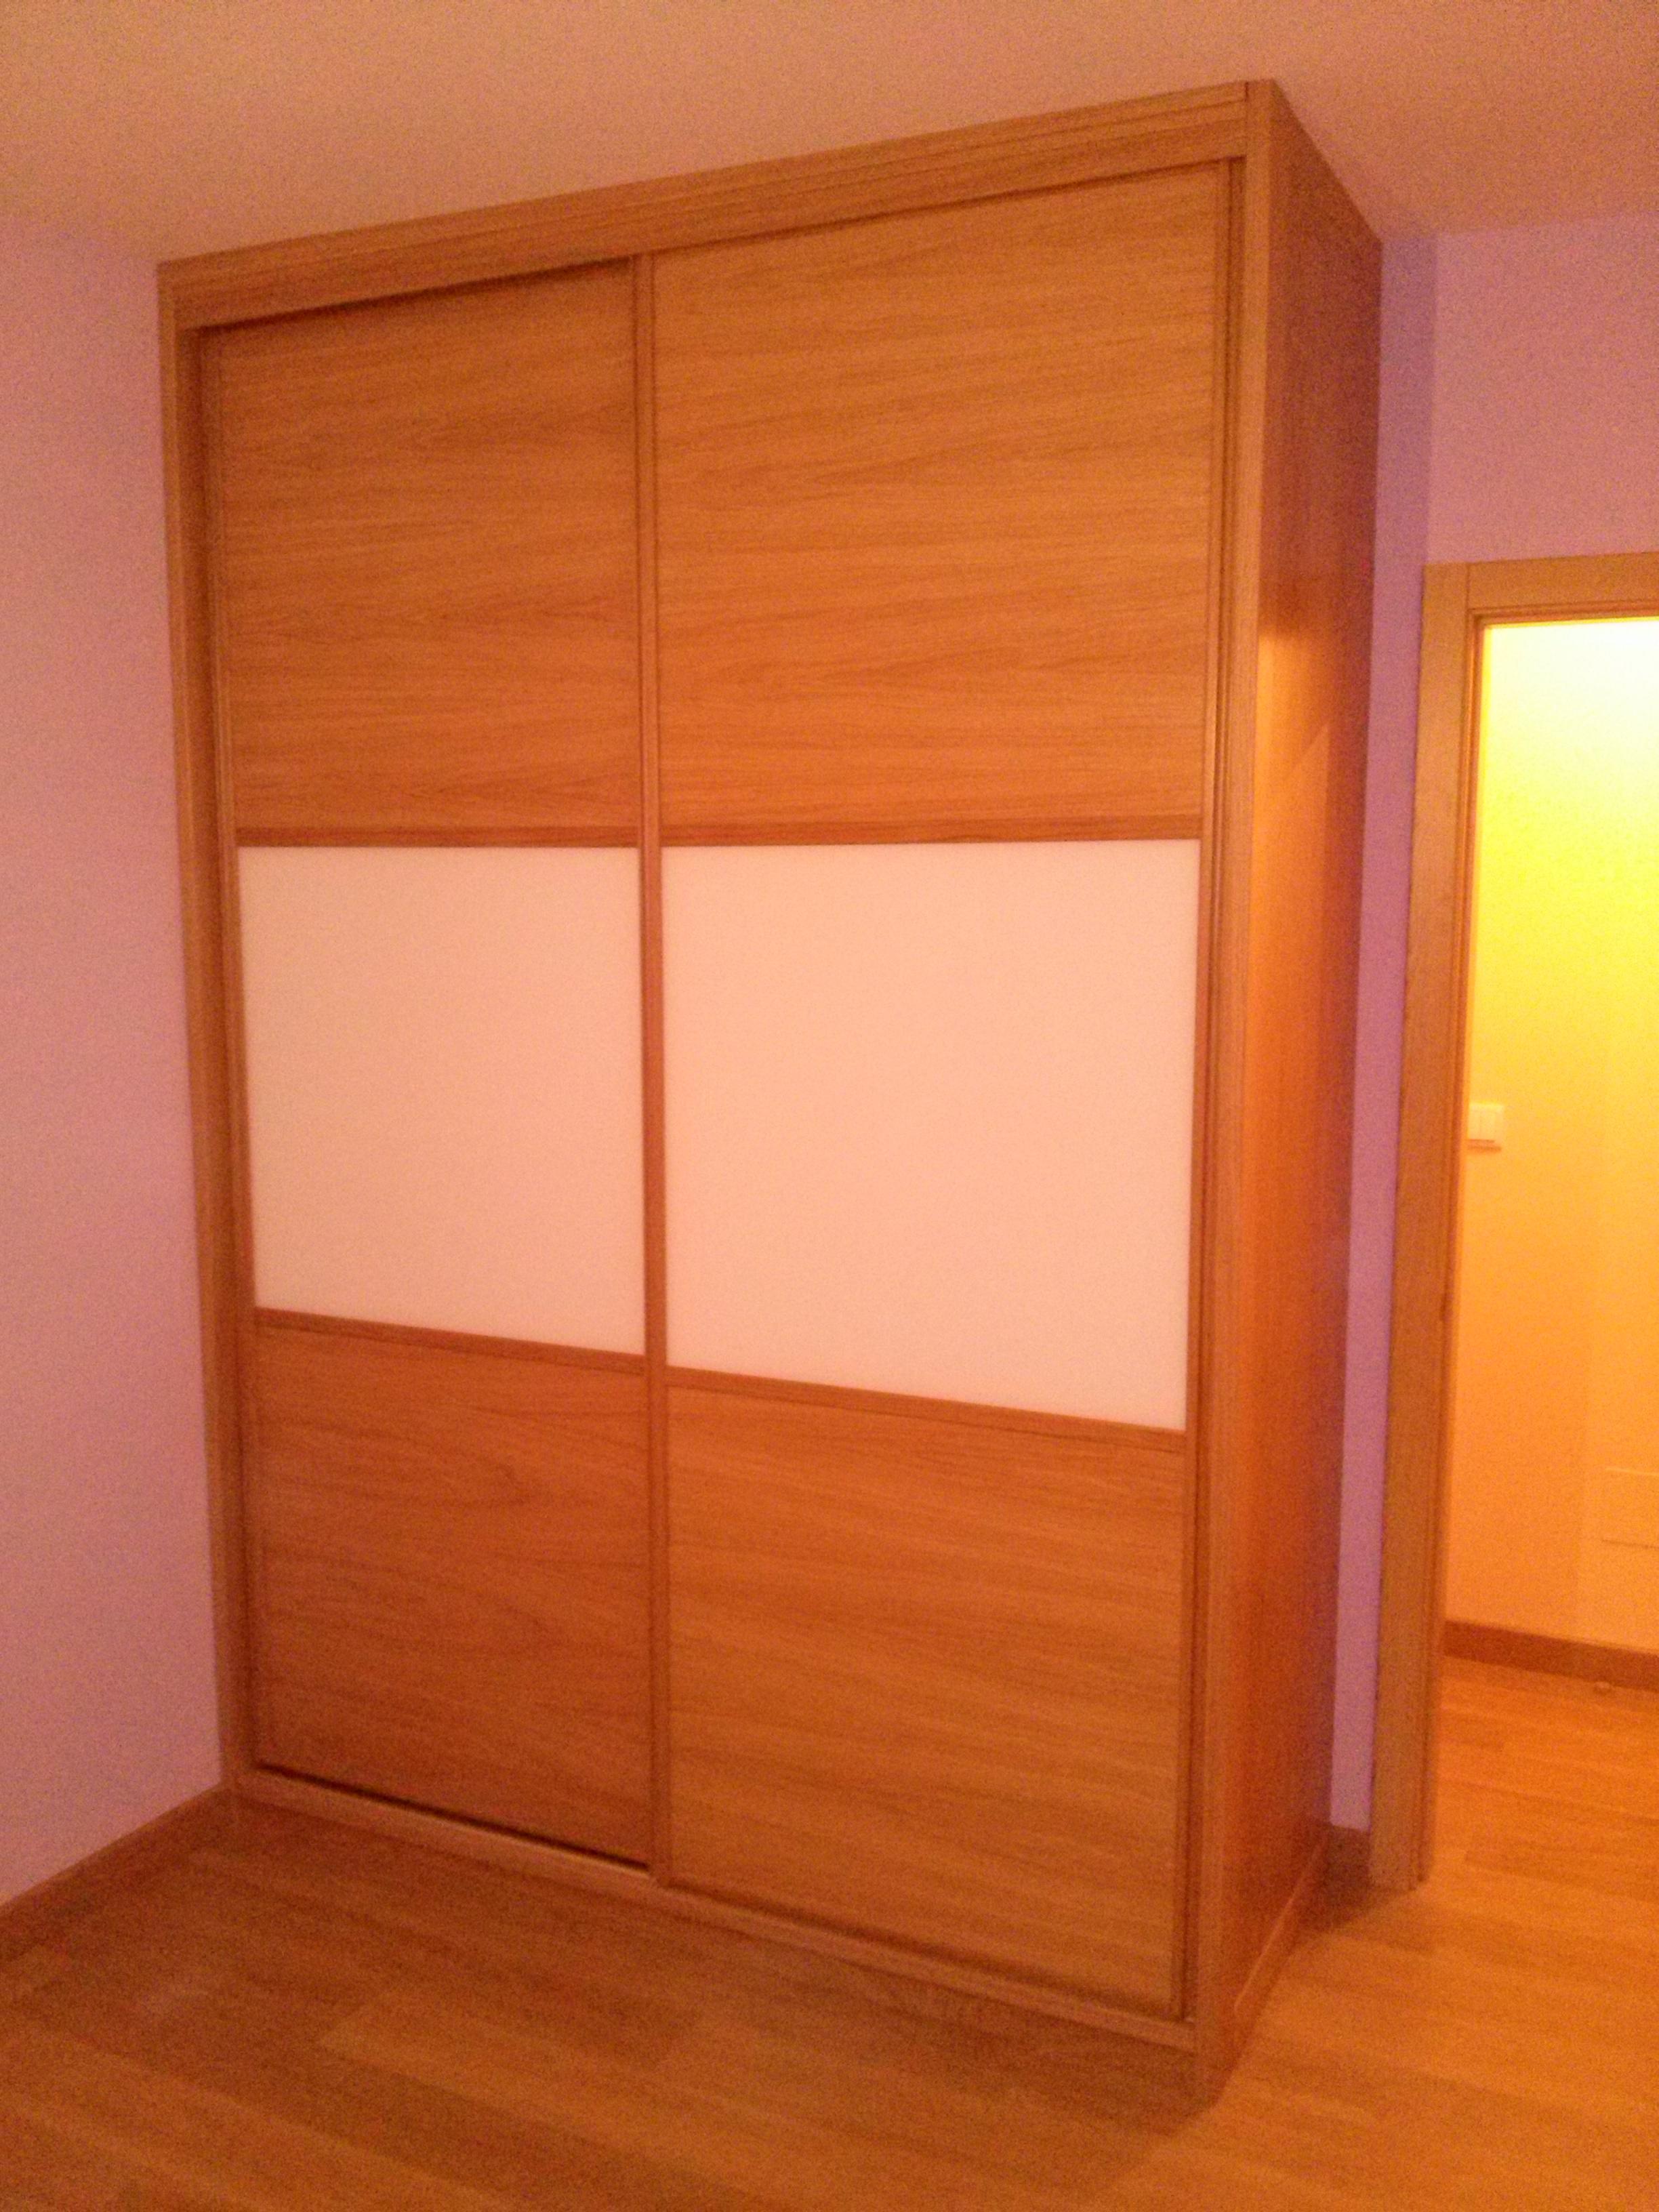 Carpinteria olcar fotos armarios empotrados cartes - Fotos de puertas ...